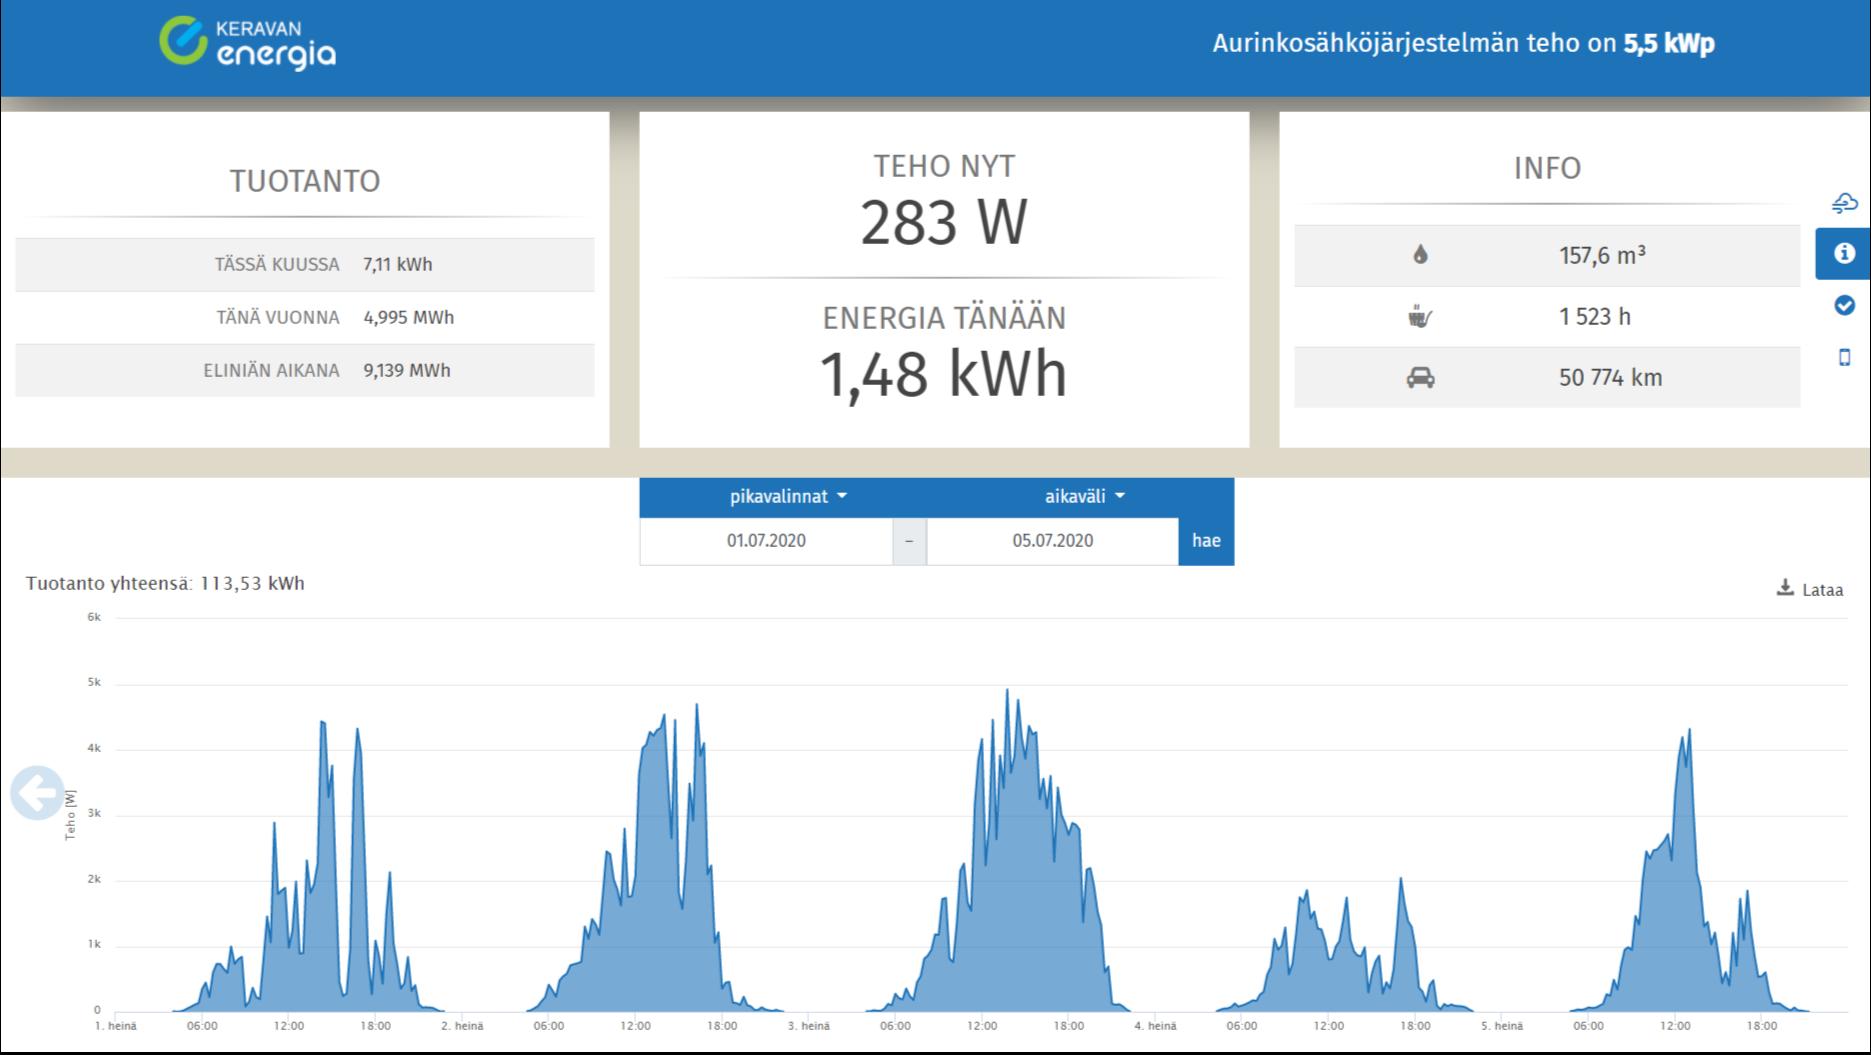 Näkymä Keravan Energian aurinkopaneelien tuotannonseurantaan.